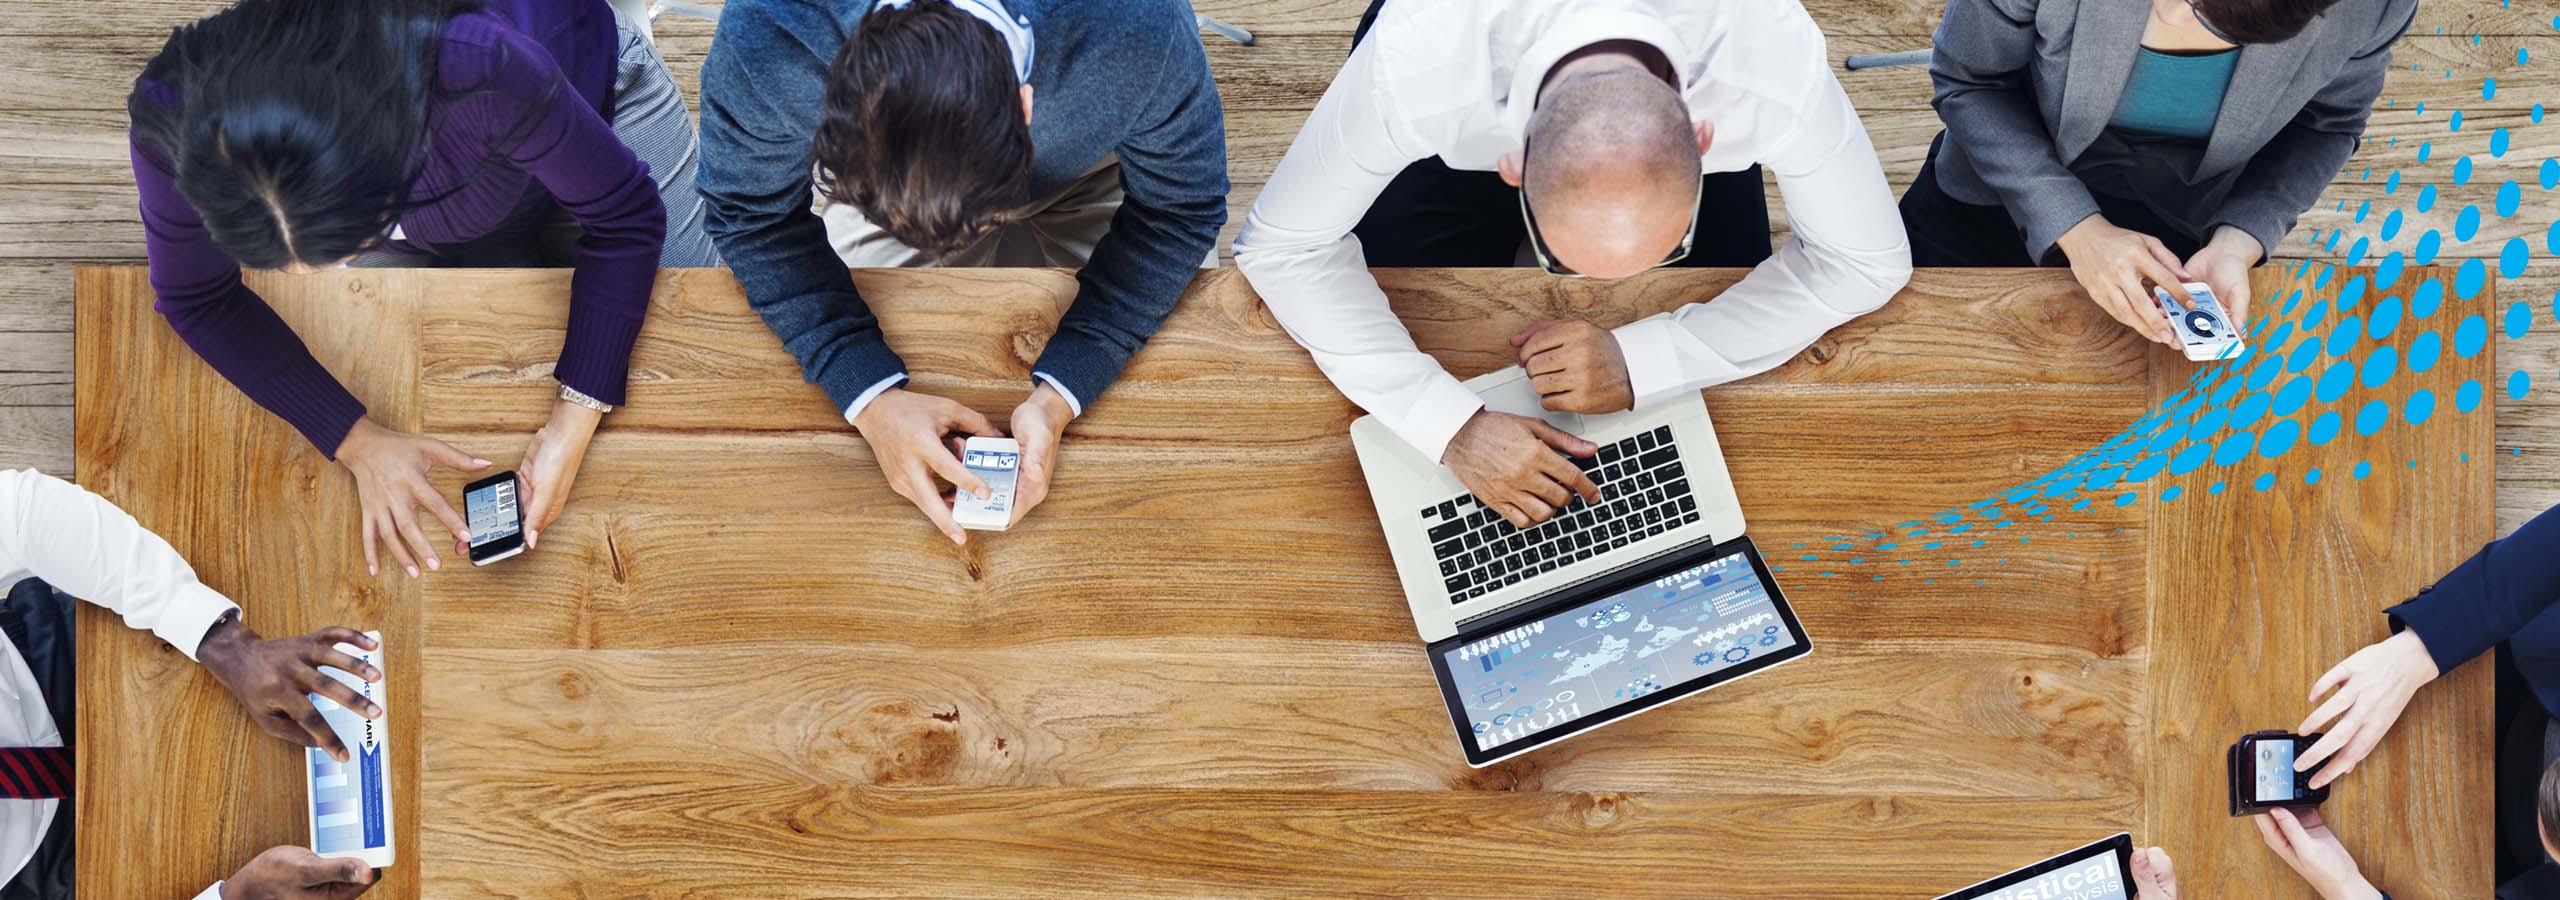 Mesa com homens e mulheres usando celulares e computadores conectados no wifi